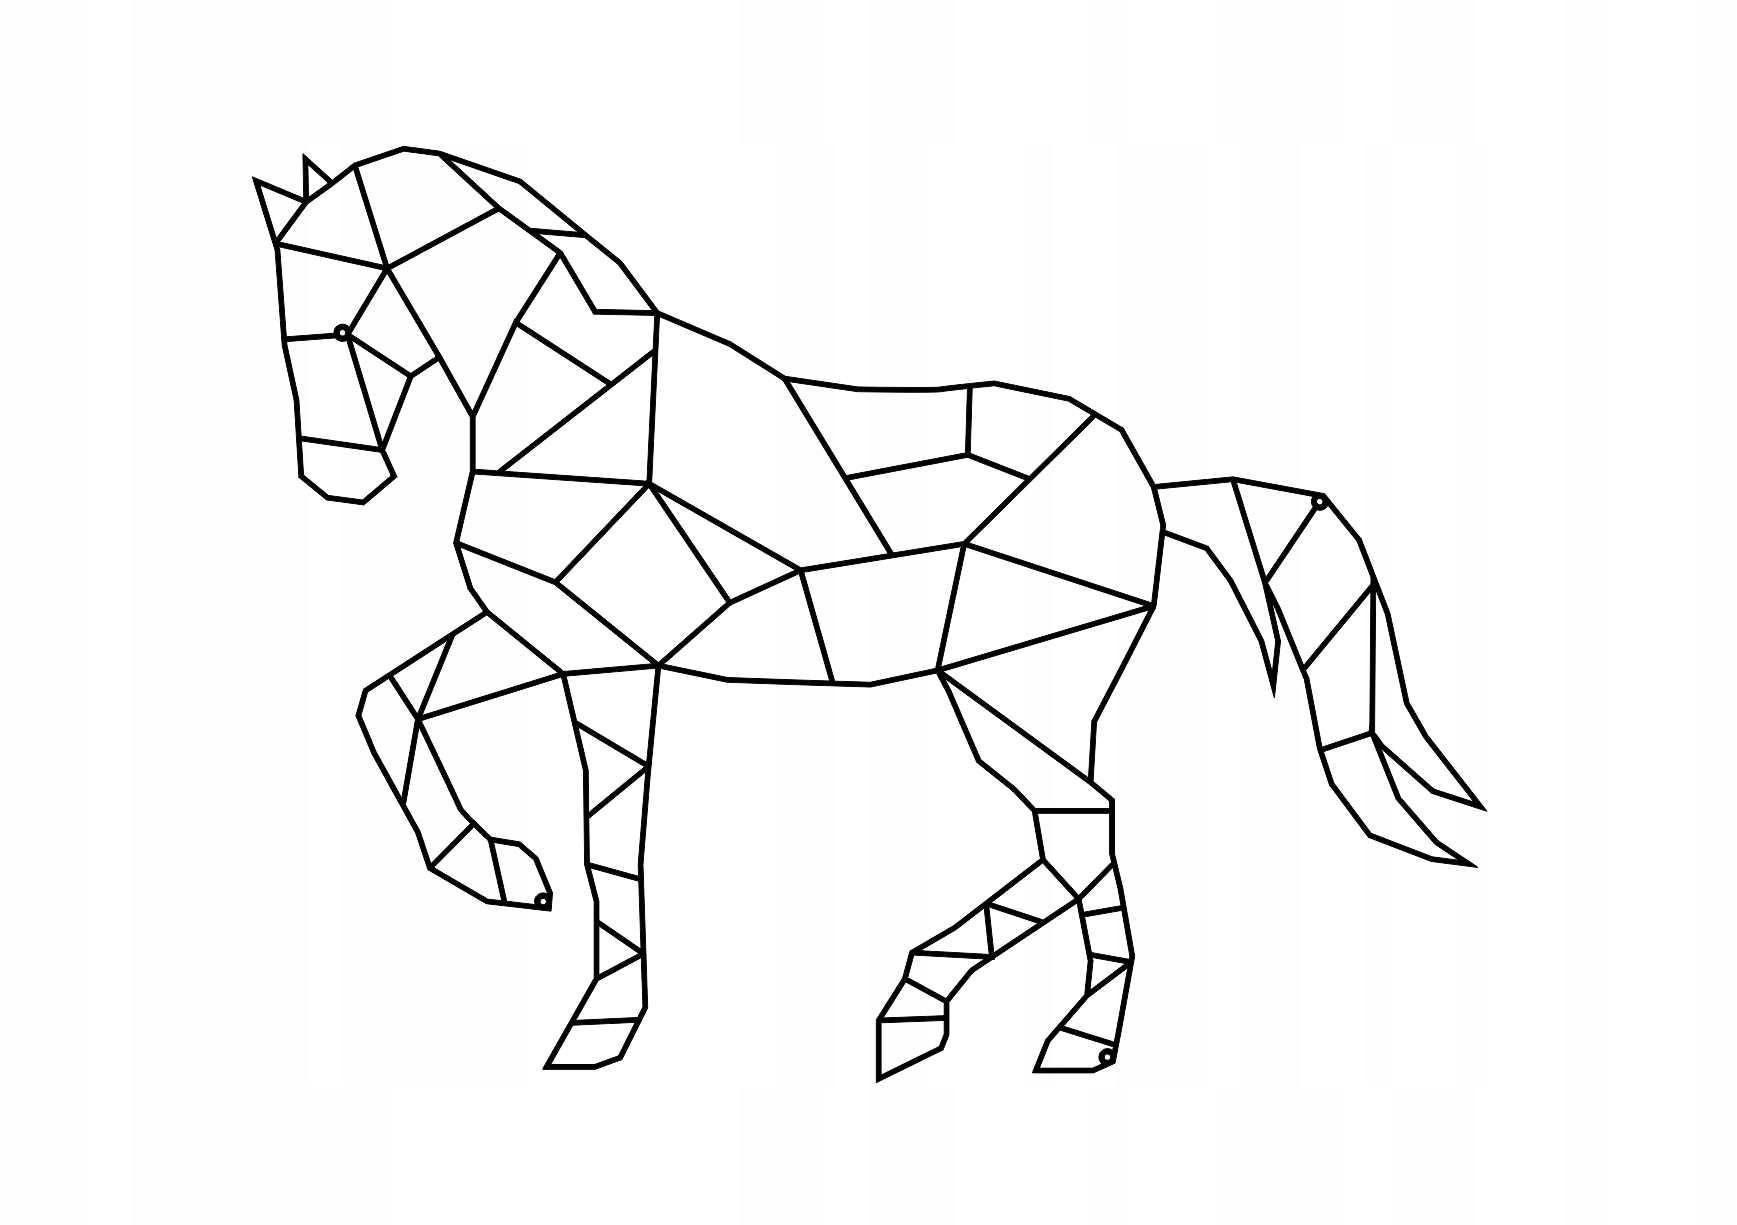 Сложные рисунки животных из геометрических фигур